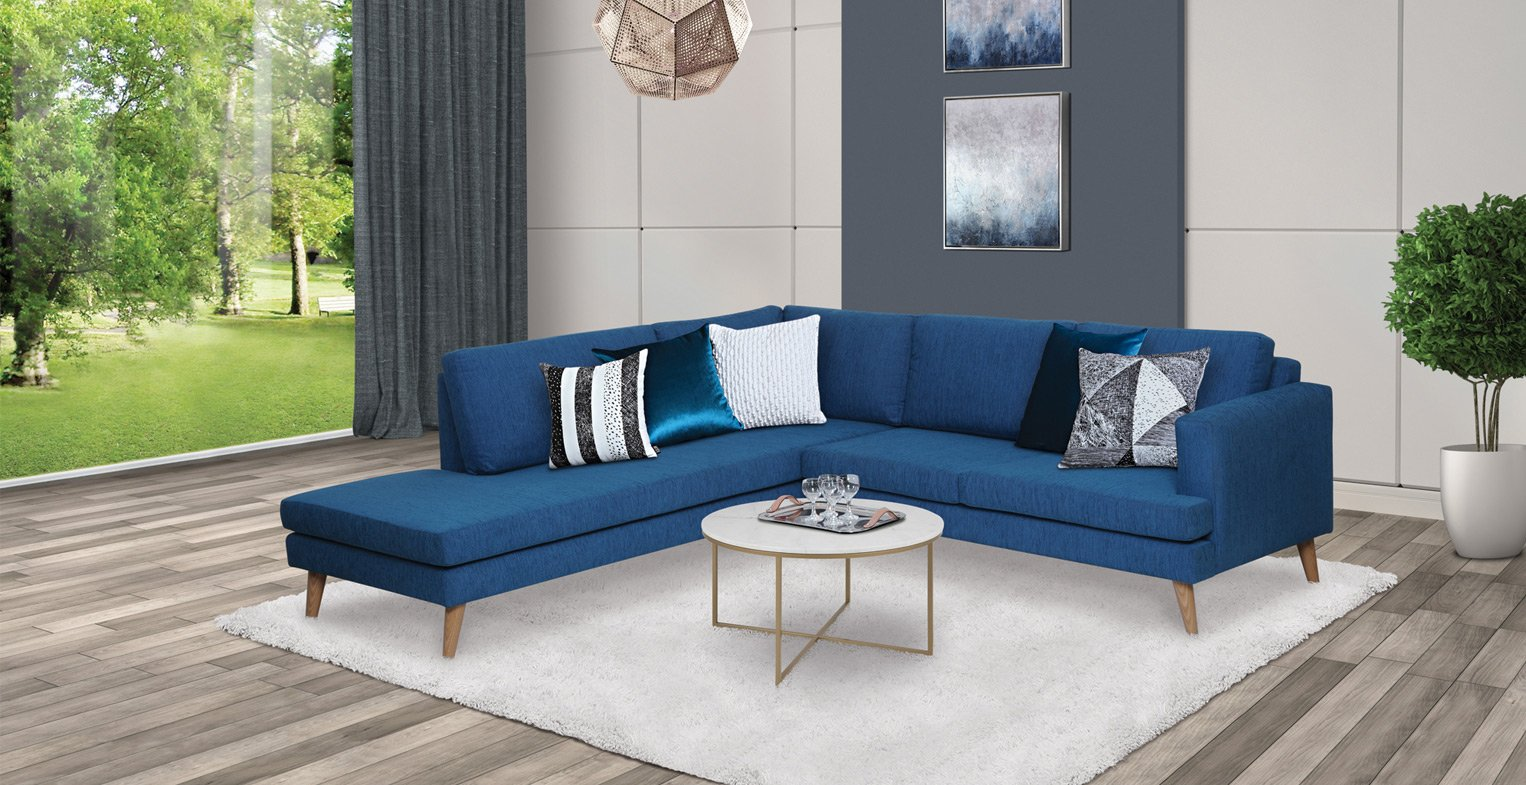 Outdoor Living Room Furniture Danske Mabler New Zealand Made Furniture Stressless Furniture